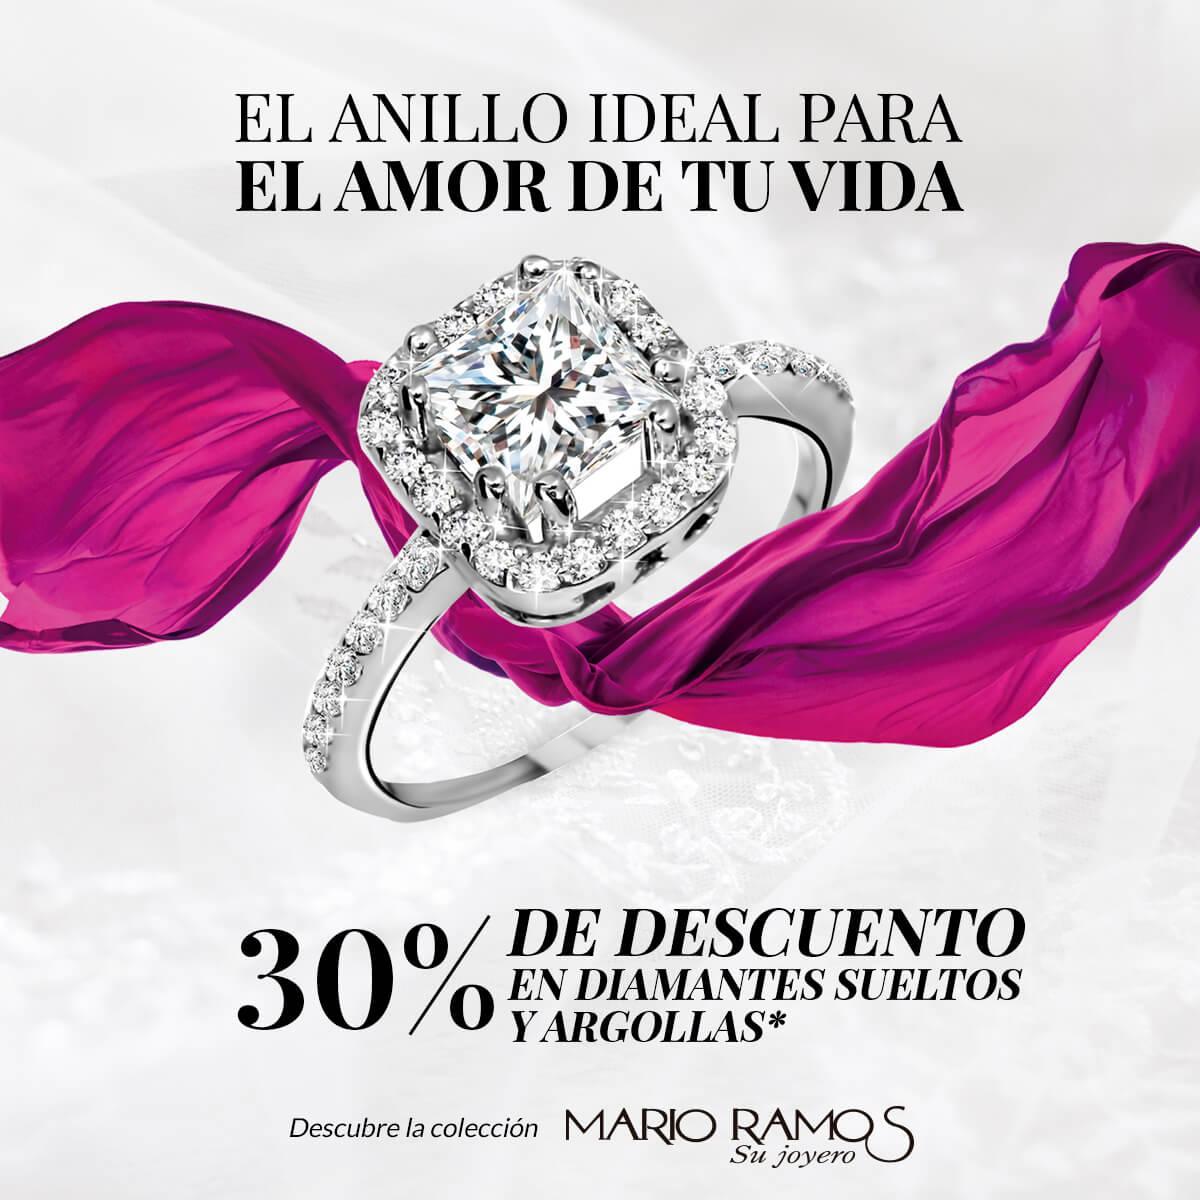 El anillo ideal para el amor de tu vida